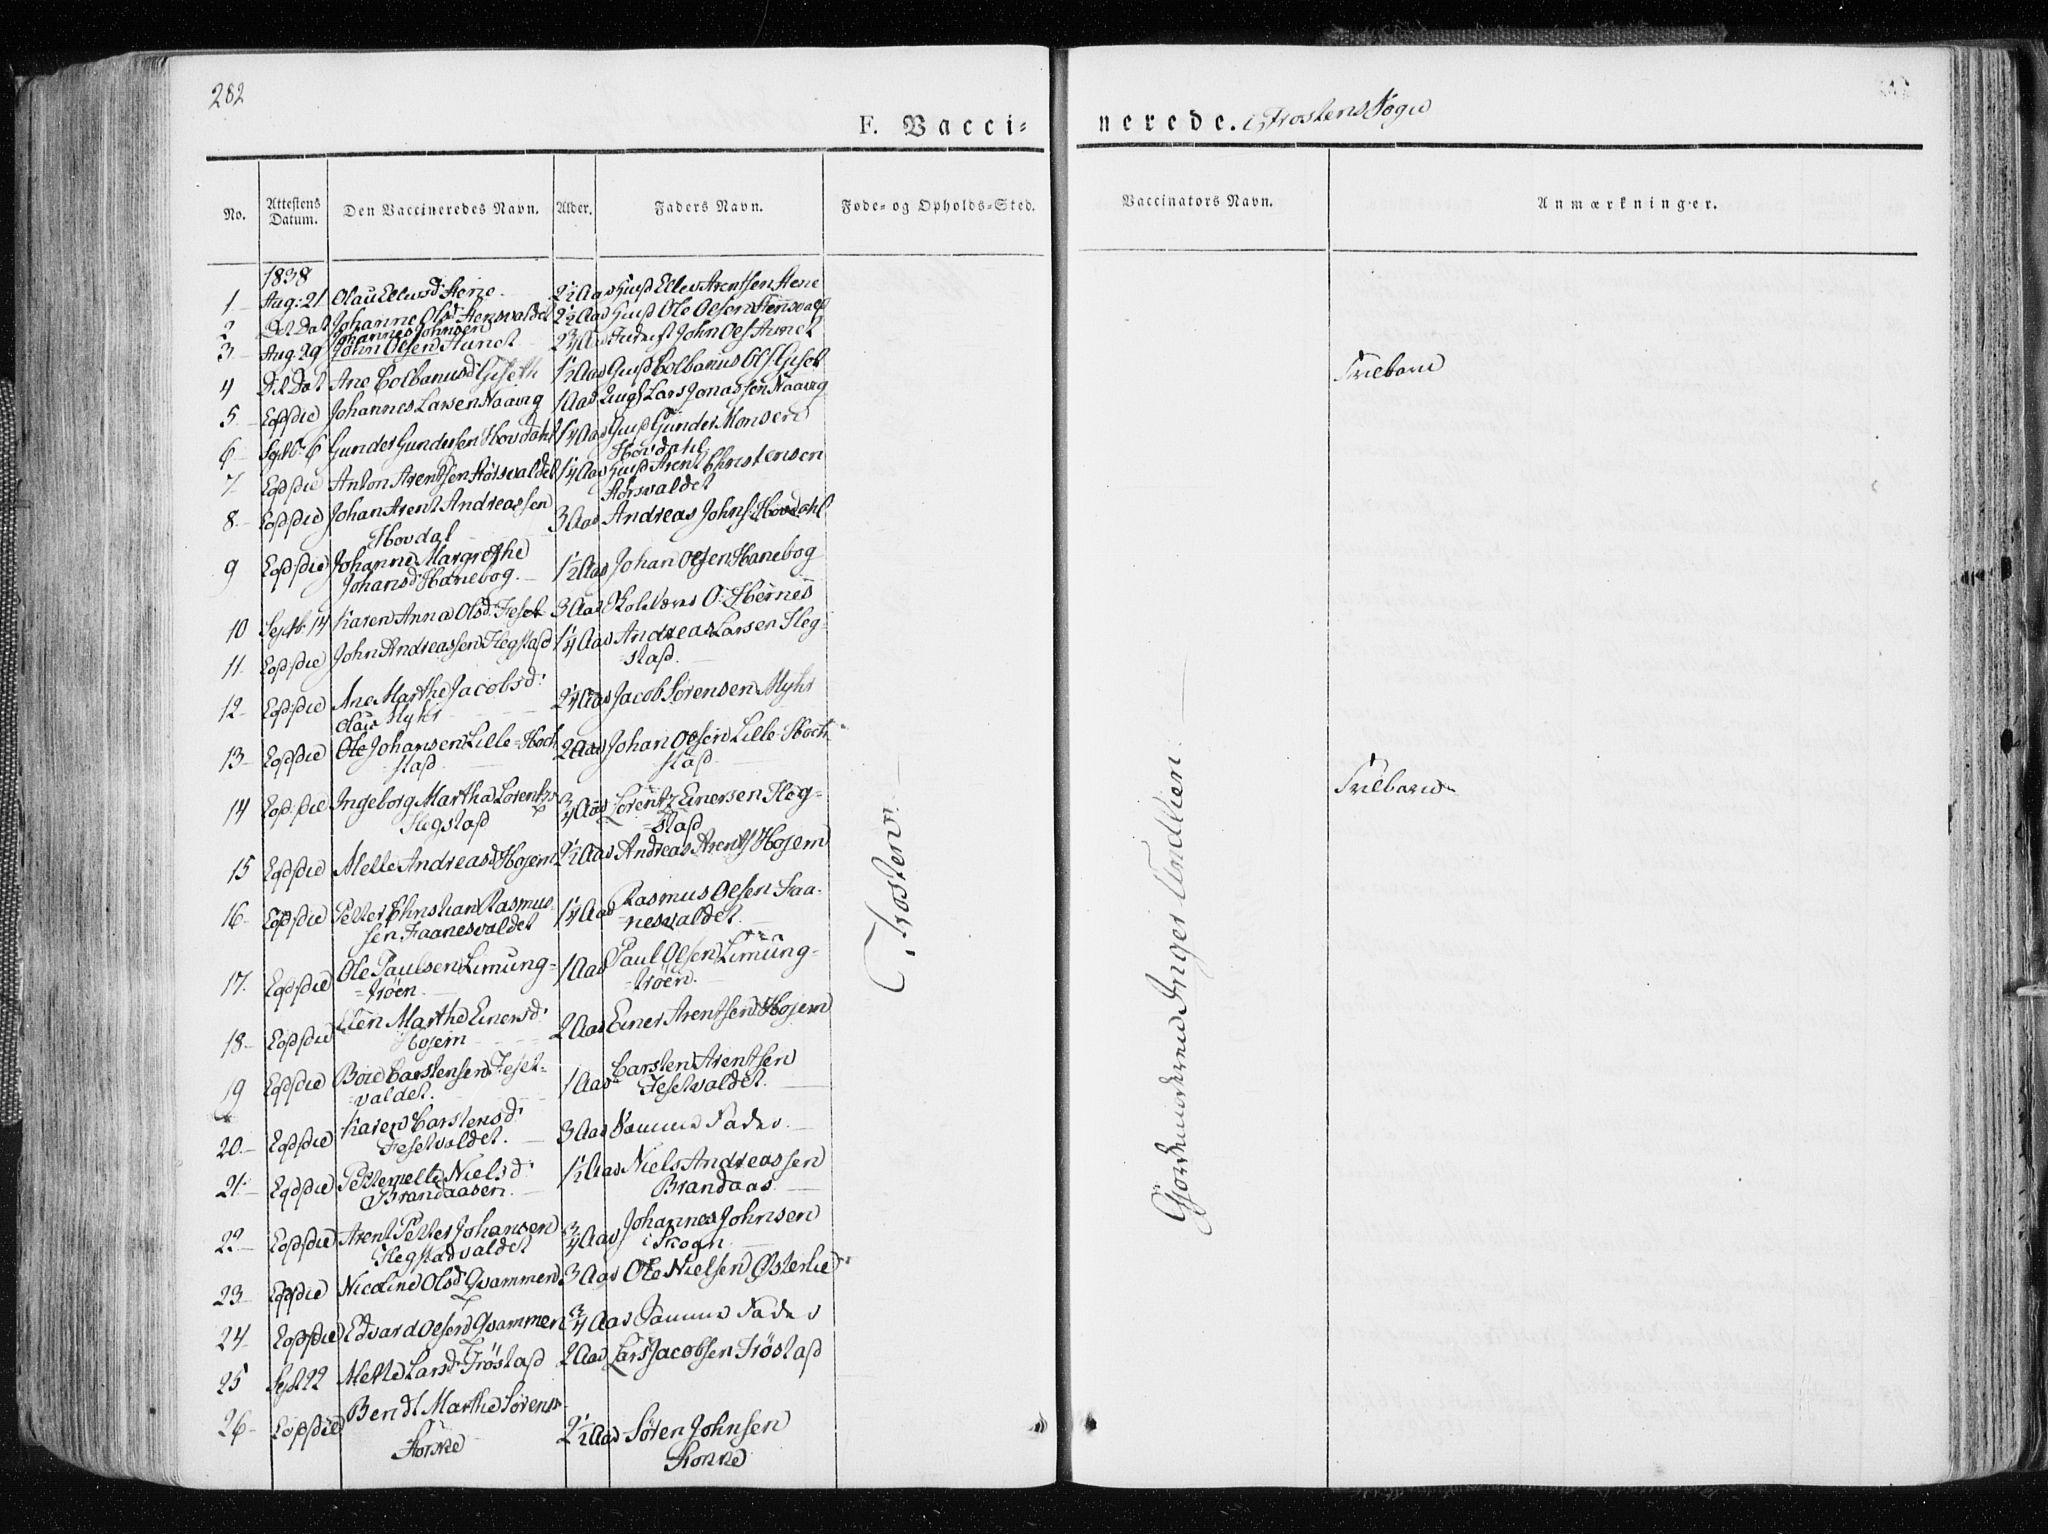 SAT, Ministerialprotokoller, klokkerbøker og fødselsregistre - Nord-Trøndelag, 713/L0114: Ministerialbok nr. 713A05, 1827-1839, s. 282